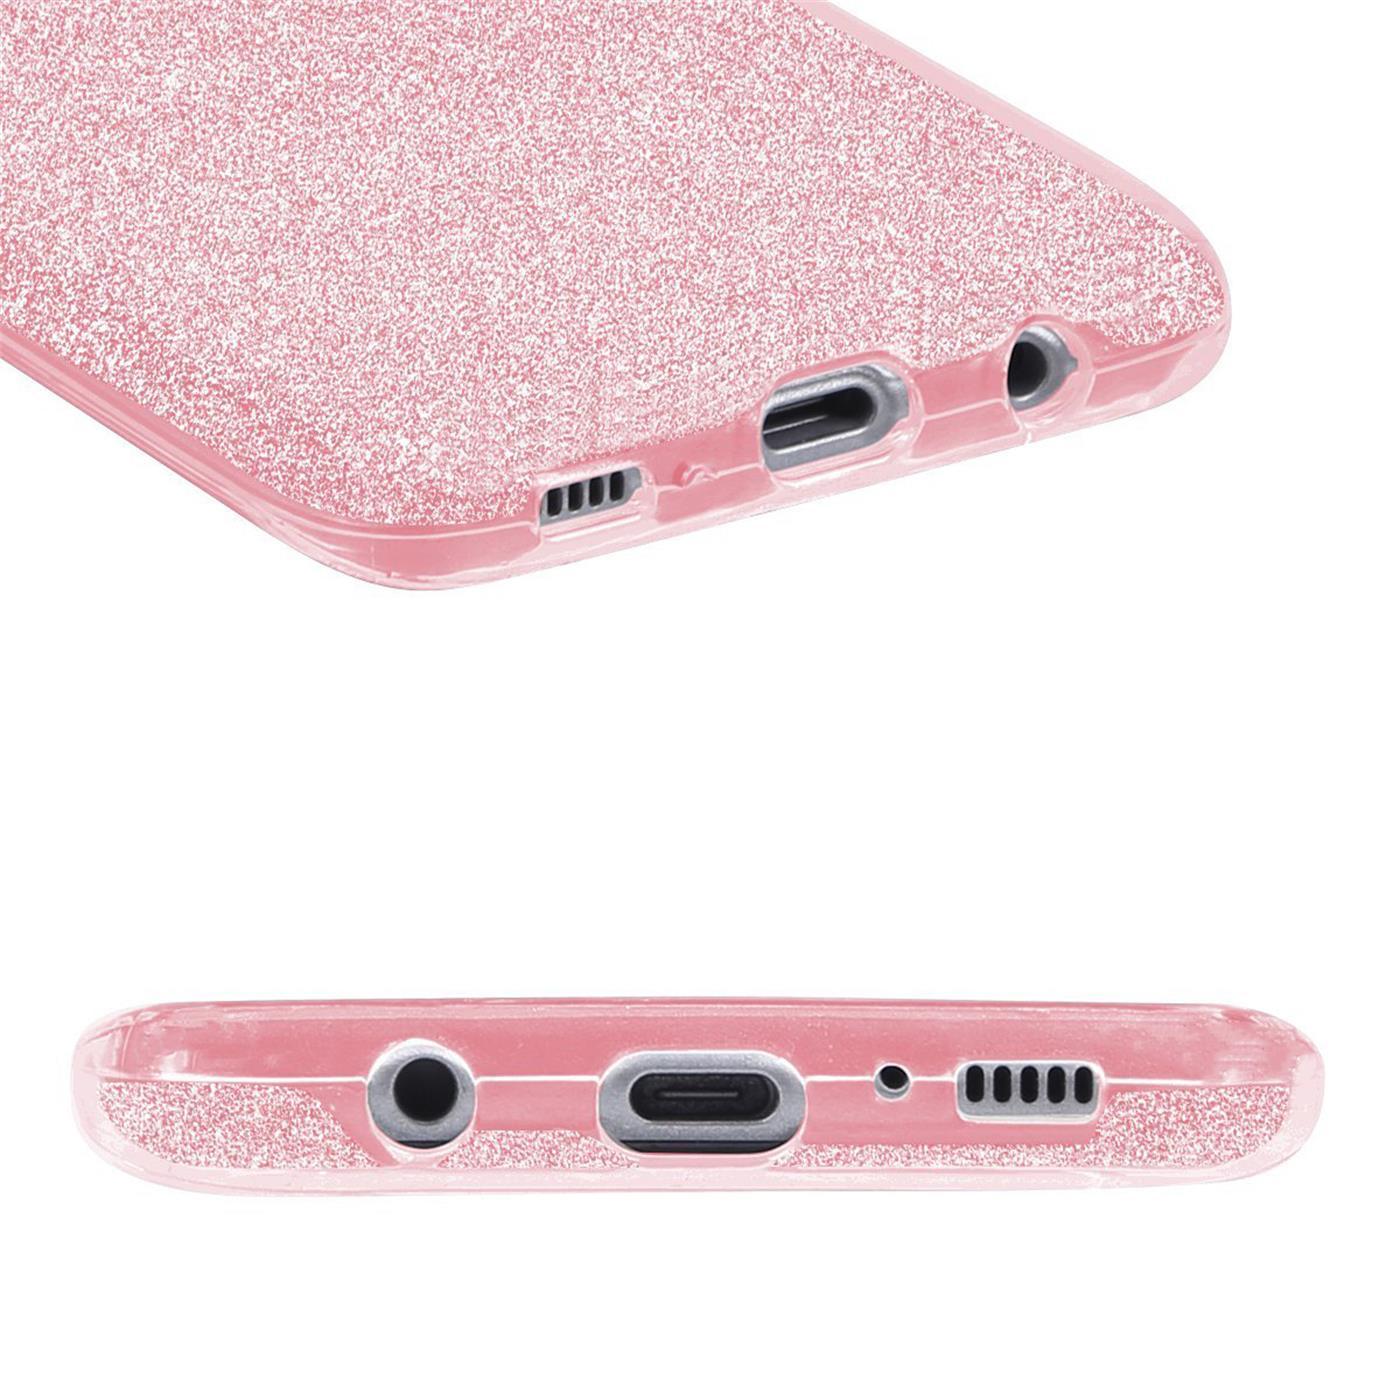 Handy-Glitzer-Huelle-fuer-Samsung-Galaxy-Slim-TPU-Cover-Case-Silikon-Schutz-Tasche Indexbild 14